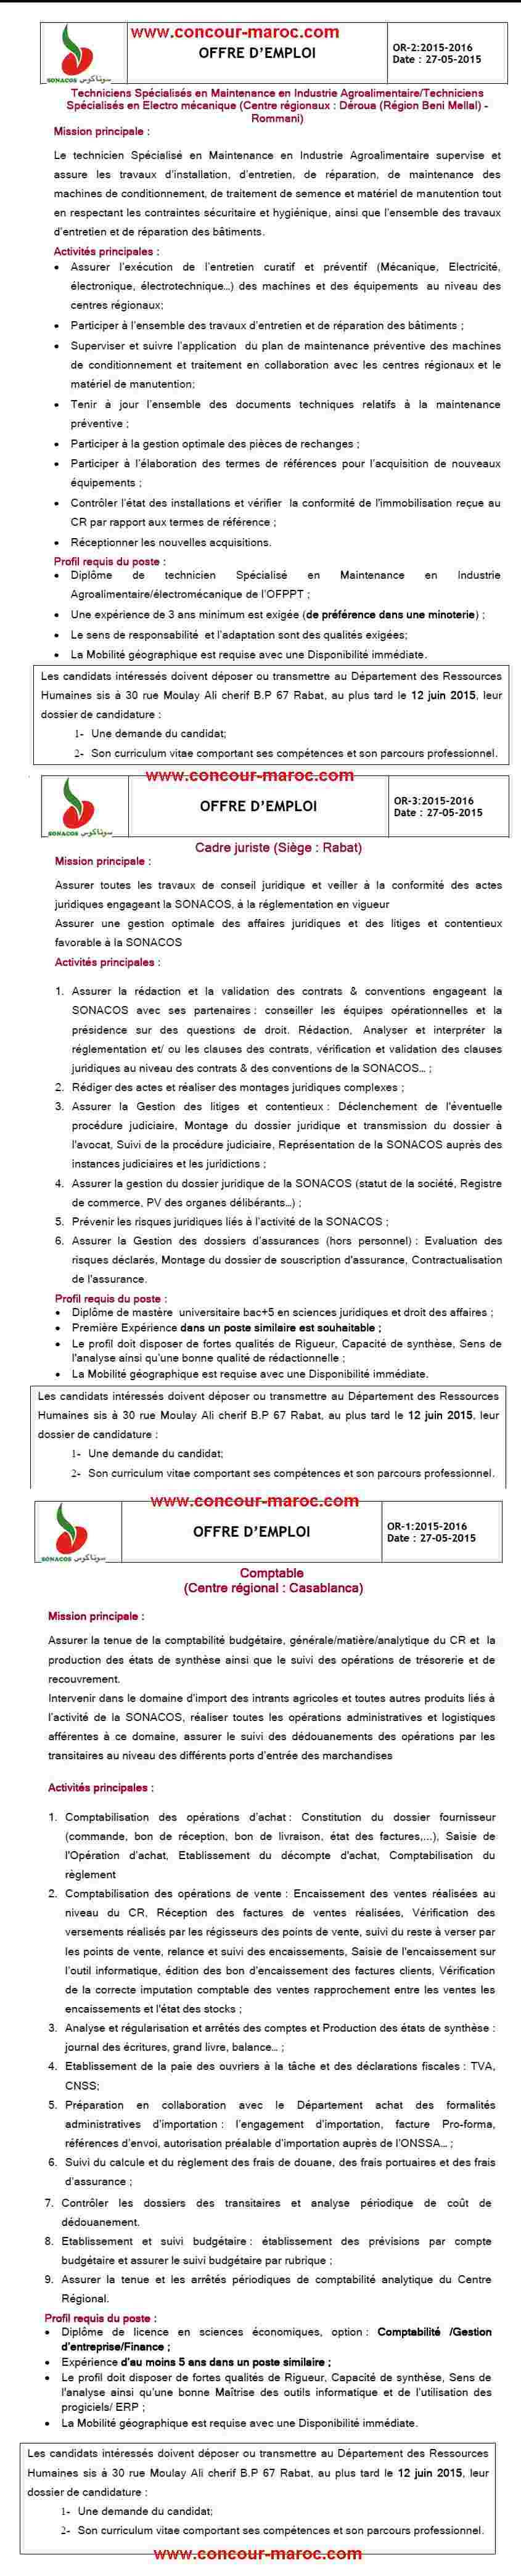 """الشركة الوطنية لتسويق البذور """"سوناكوس"""" : مباراة لتوظيف محاسب (1 منصب) و اطار في القانون (1 منصب) و تقني متخصص  (2 منصبان) آخر أجل لإيداع الترشيحات 12 يونيو 2015 Conco172"""